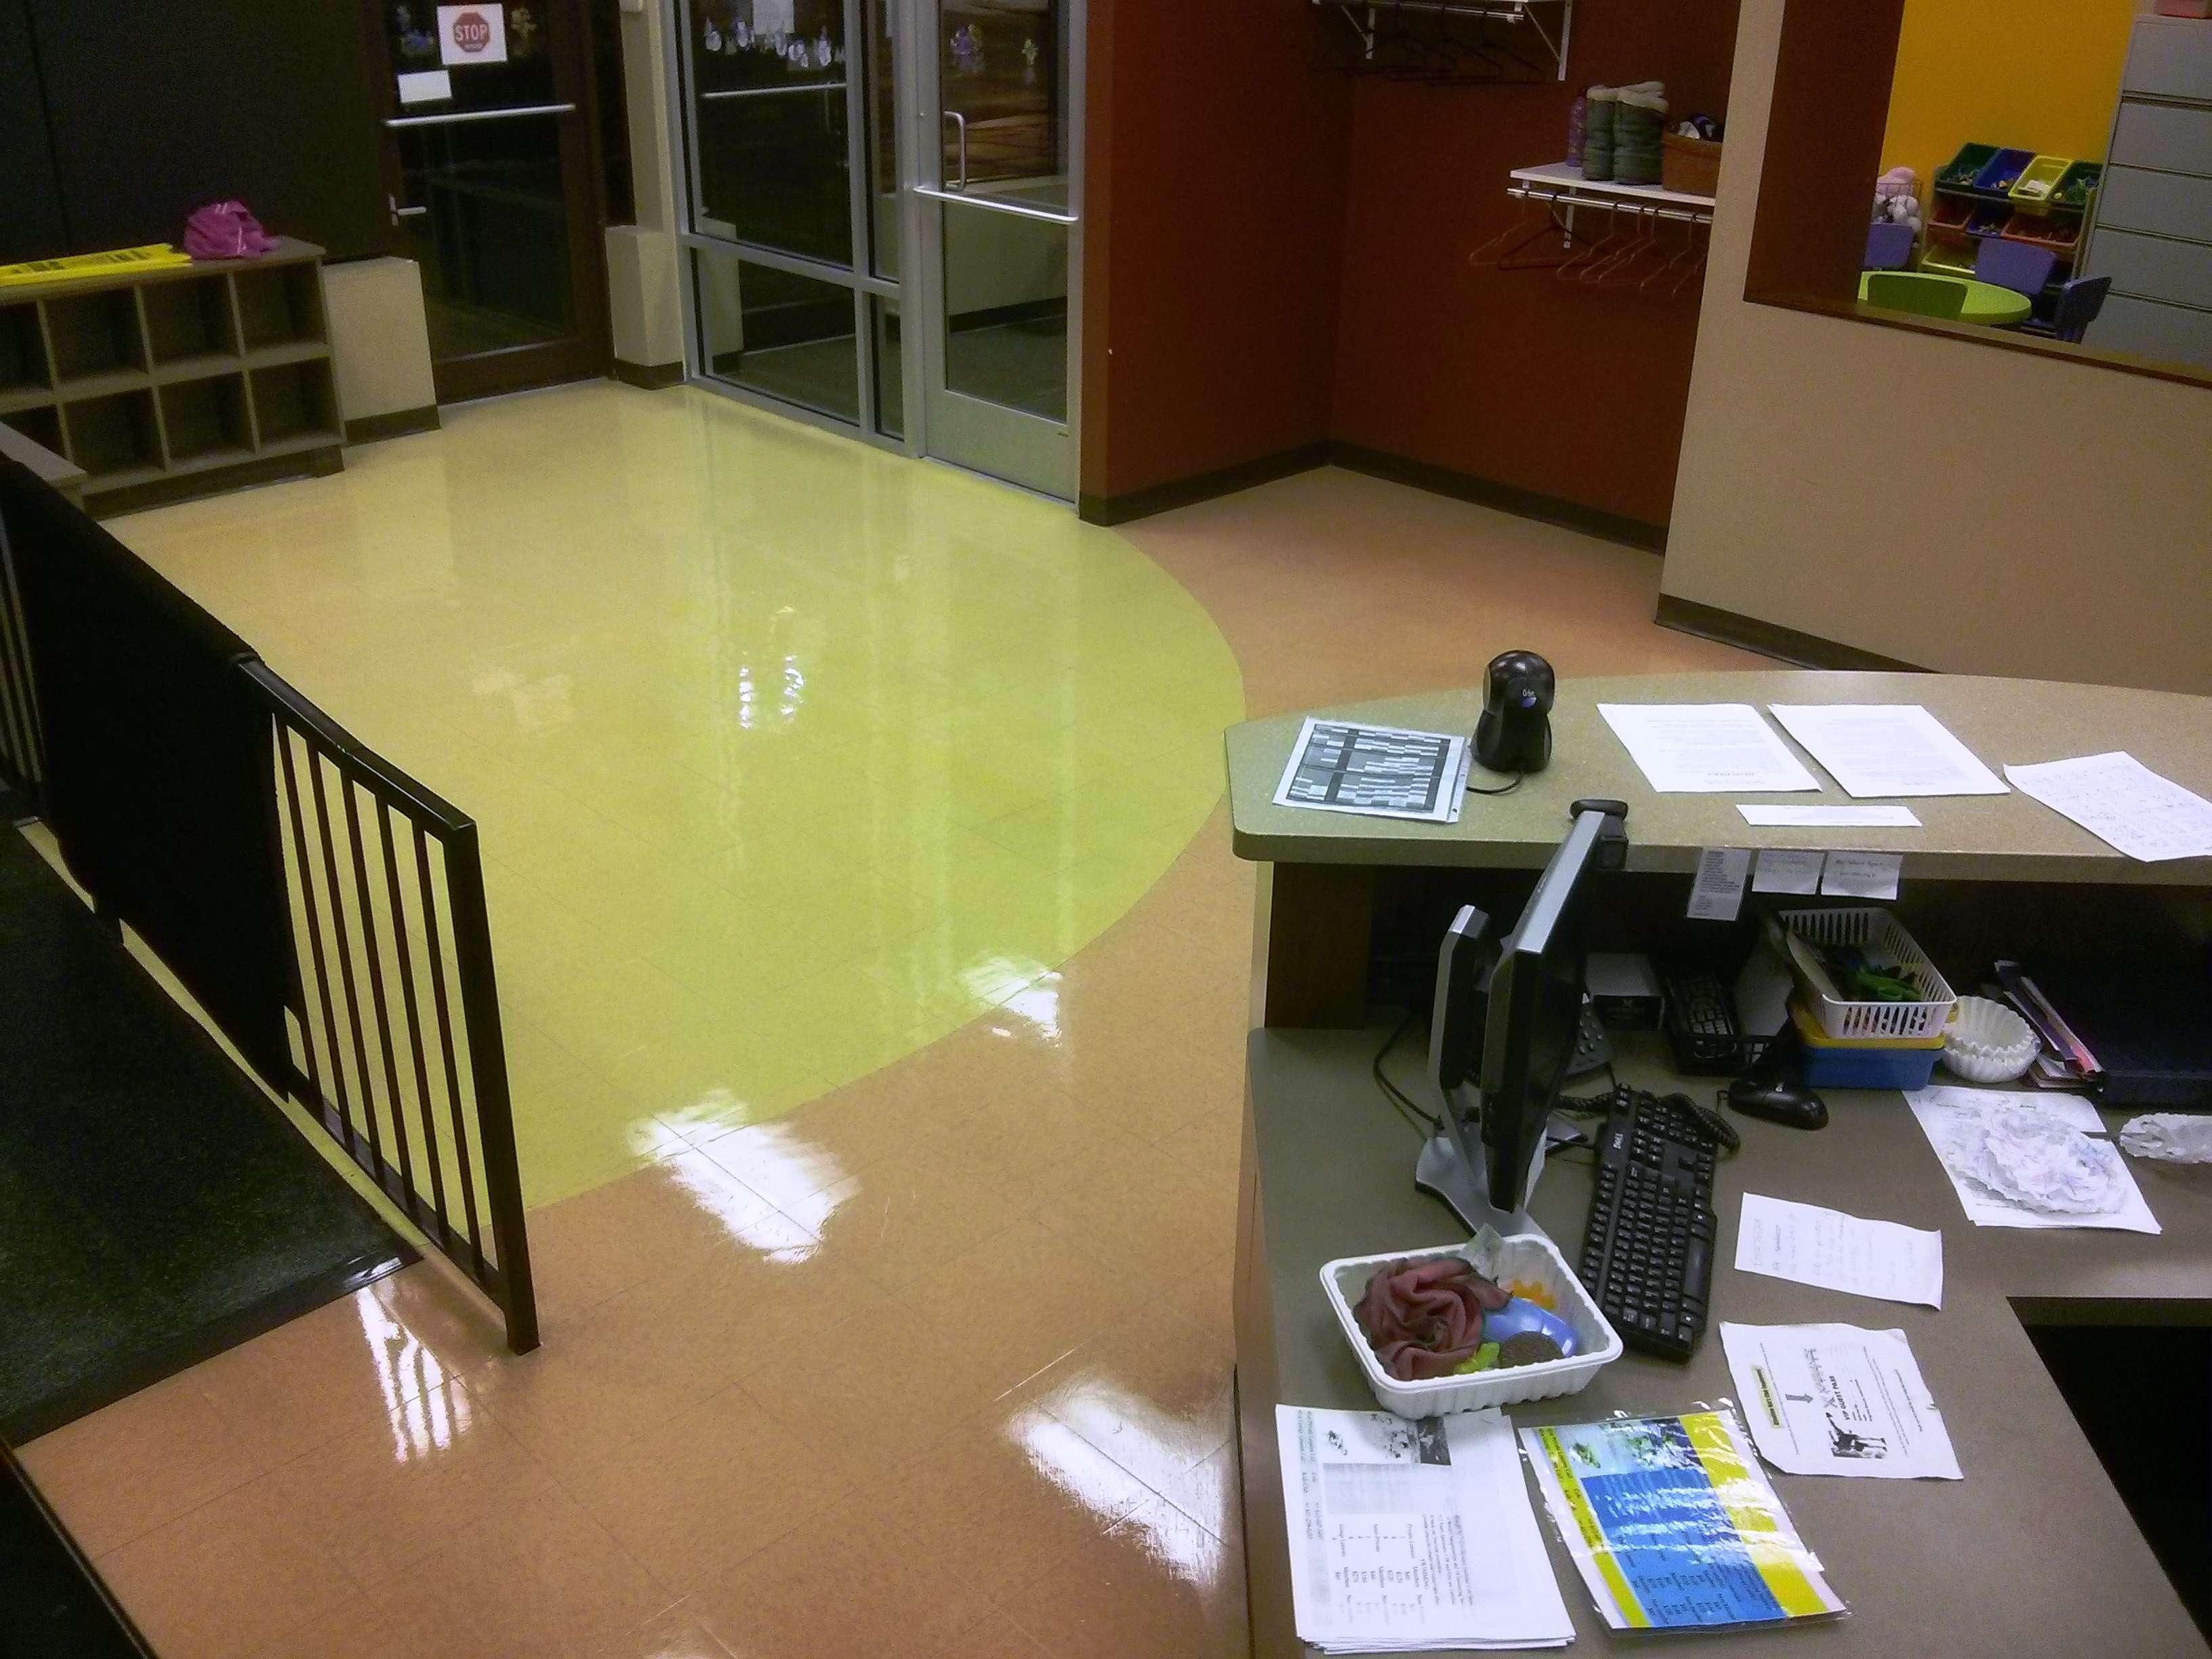 Child care center VCT Tile Floor Coating